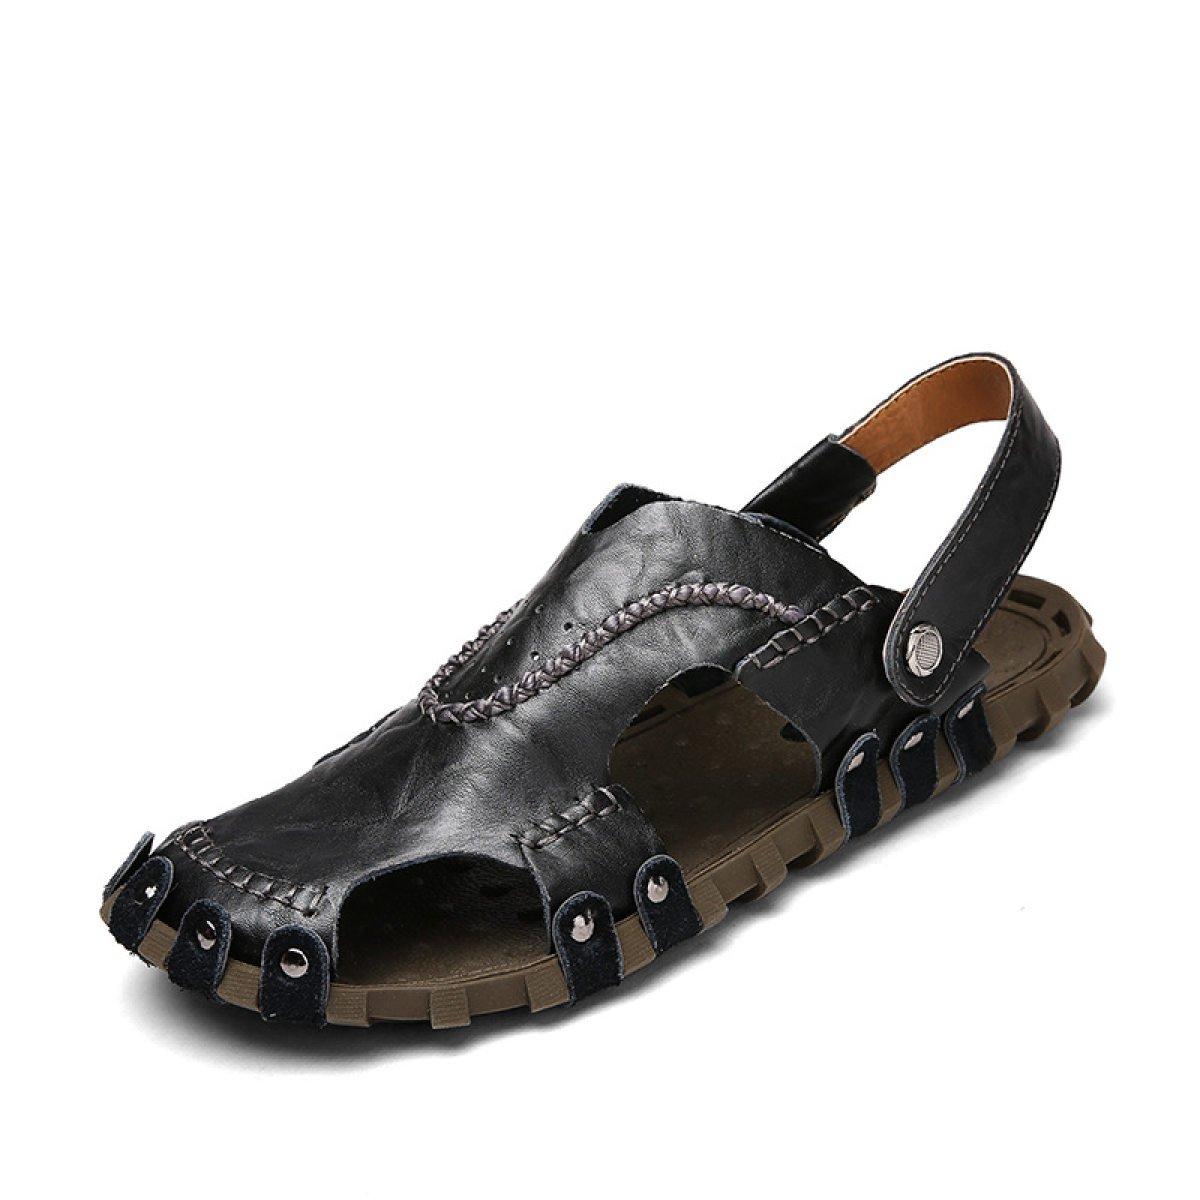 LXXAMens Verano Playa Hombre Zapatilla Cuero Real Chanclas Sandalias Zapatos Ortopédicos,Black-44EU 44EU|Black